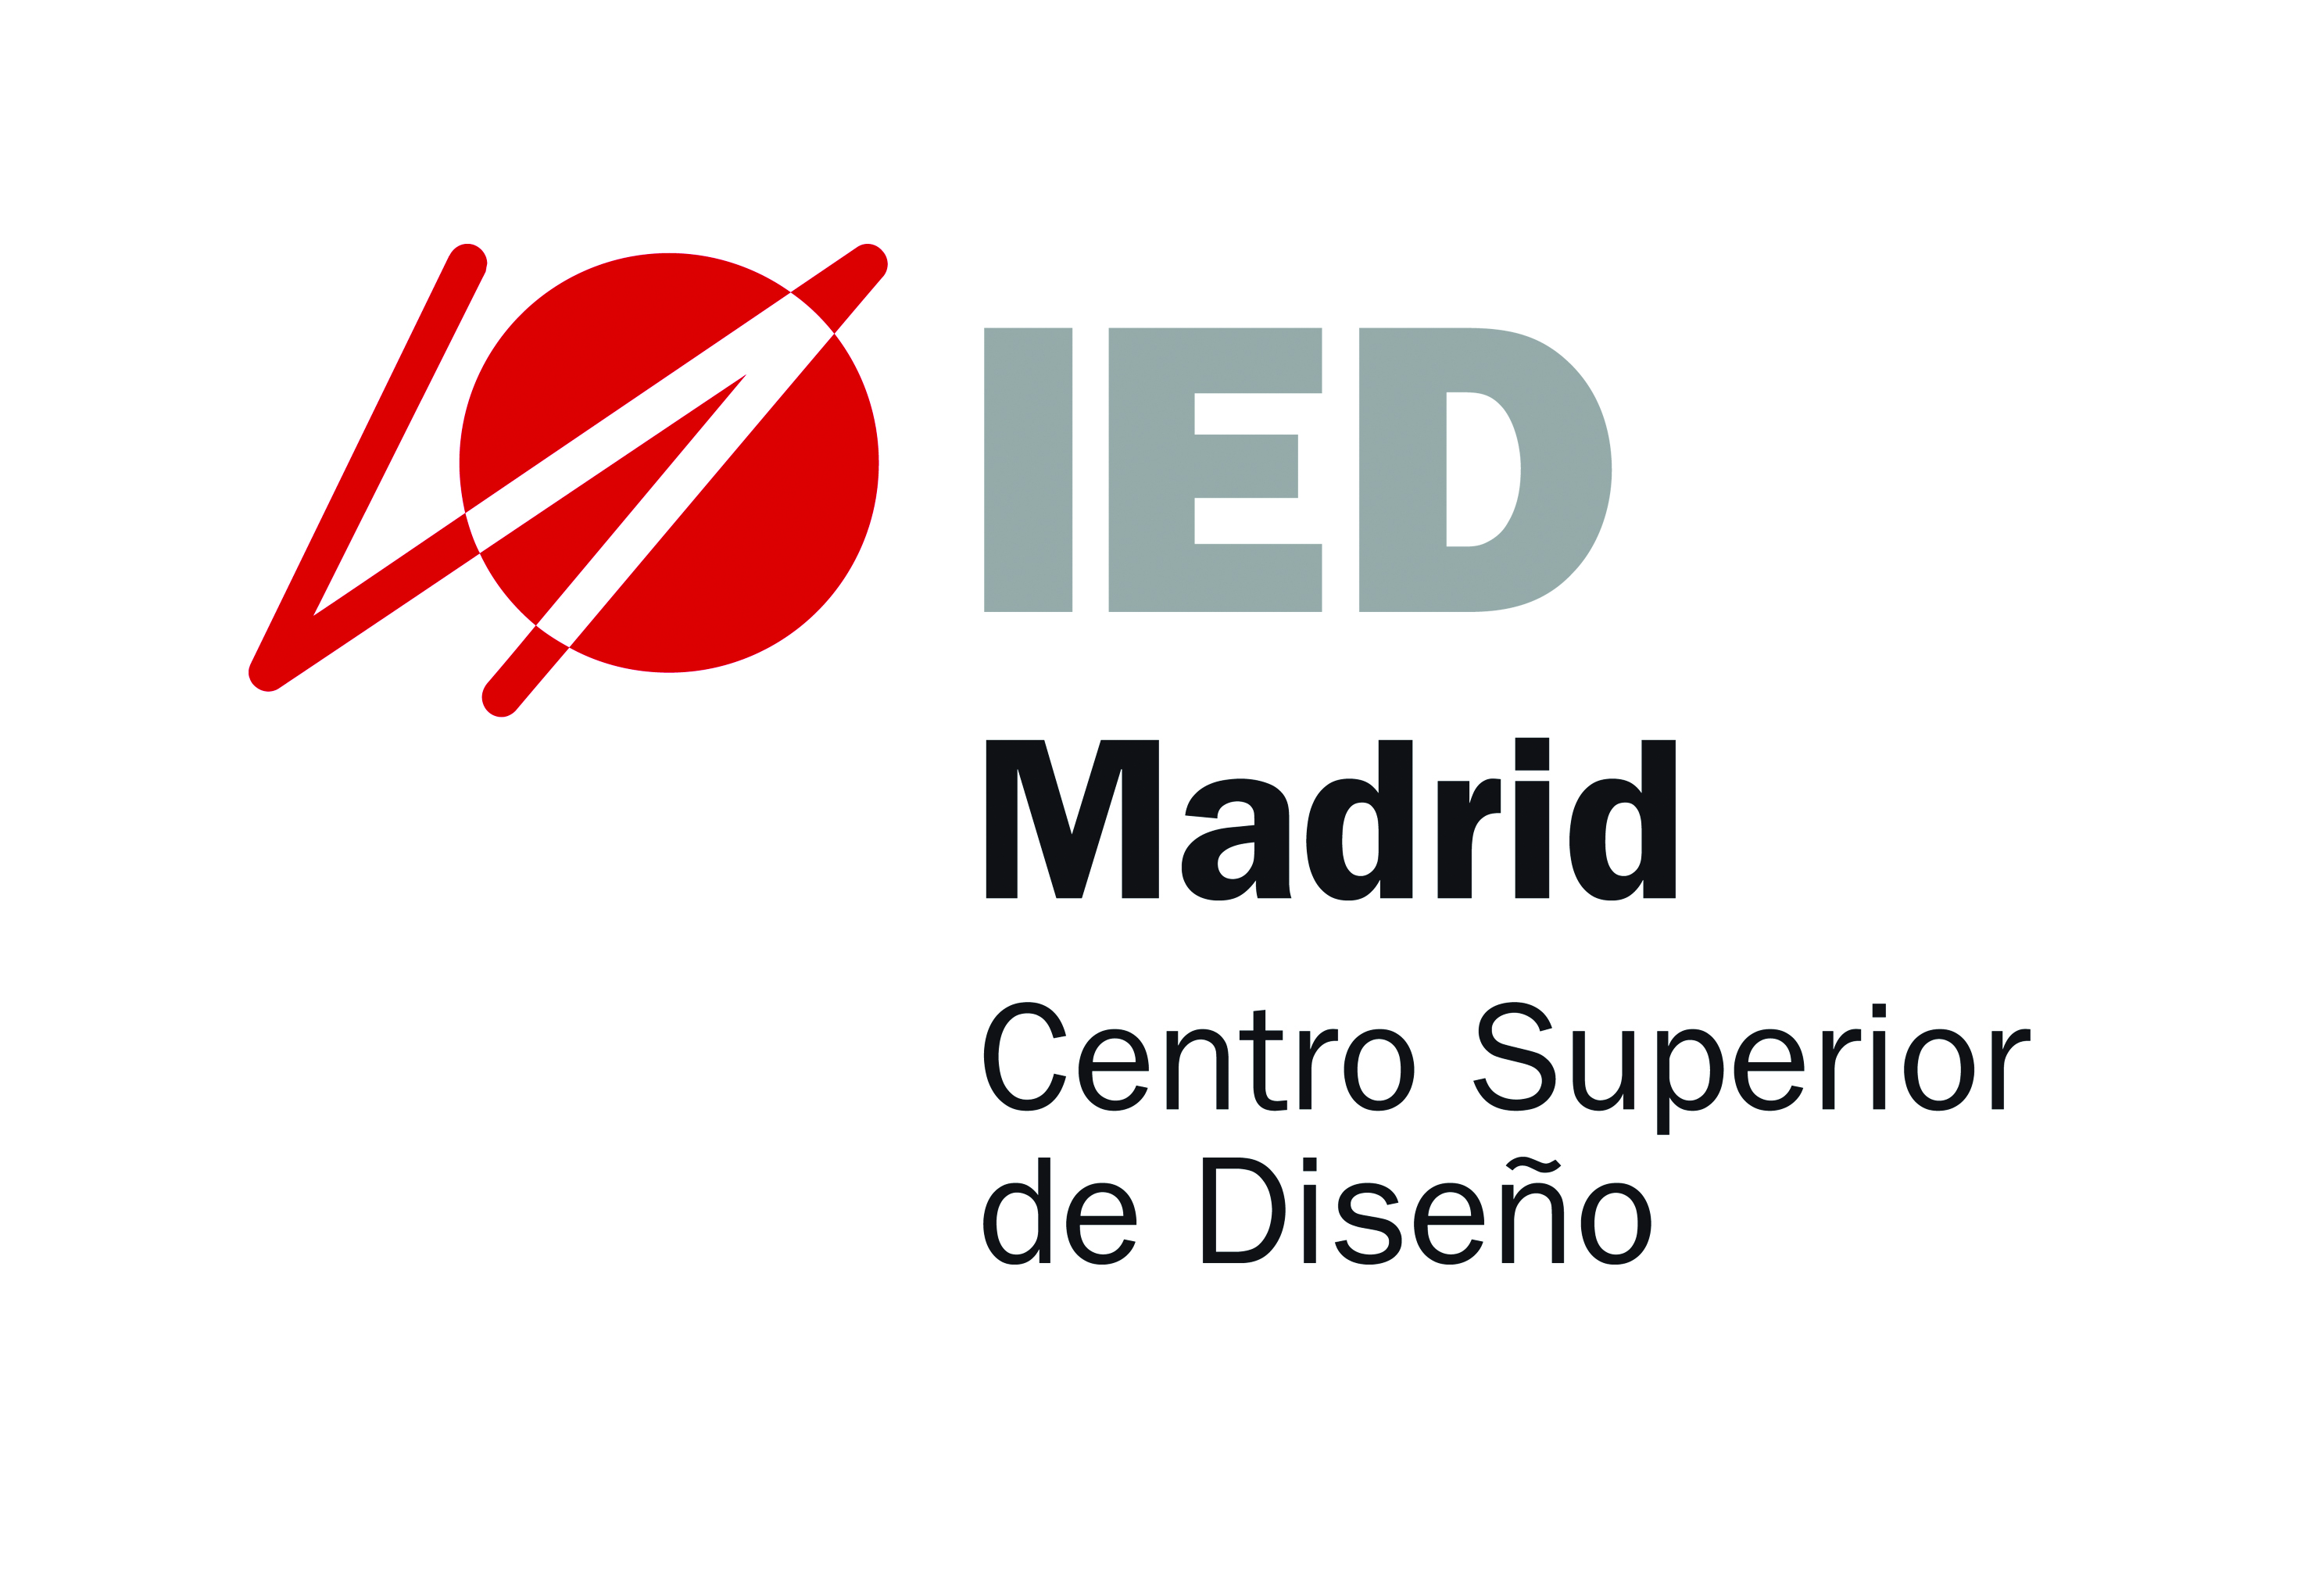 Istituto Europeo di Design s.l.